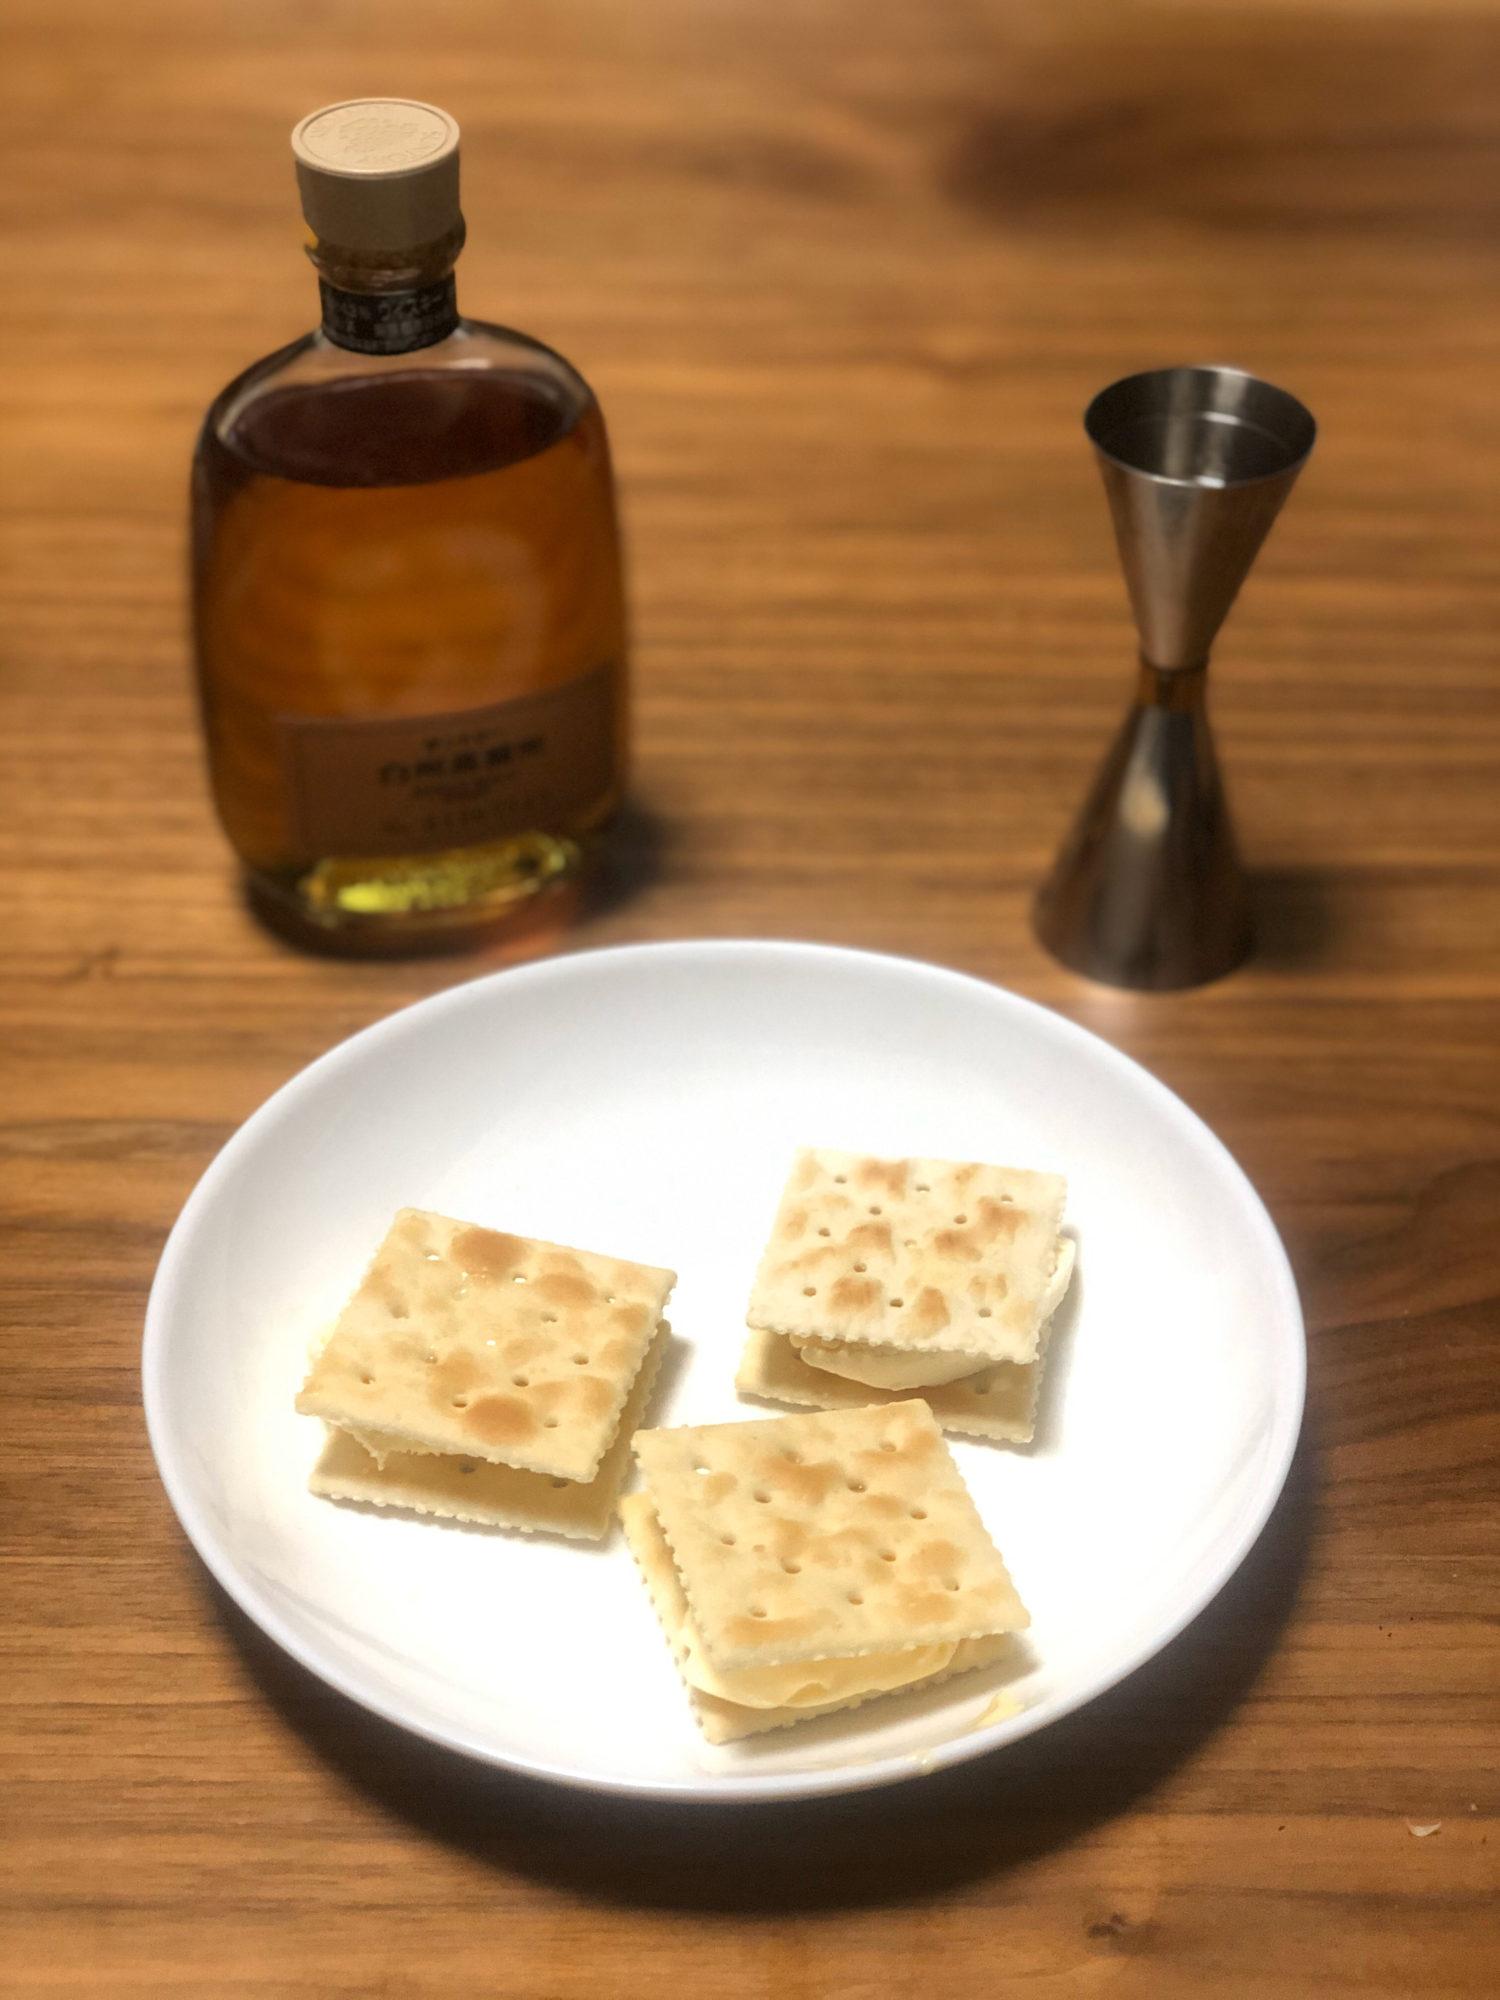 山崎/白州蒸留所限定ウィスキーとバニラアイスをデザートで!クラッカーとの相性抜群